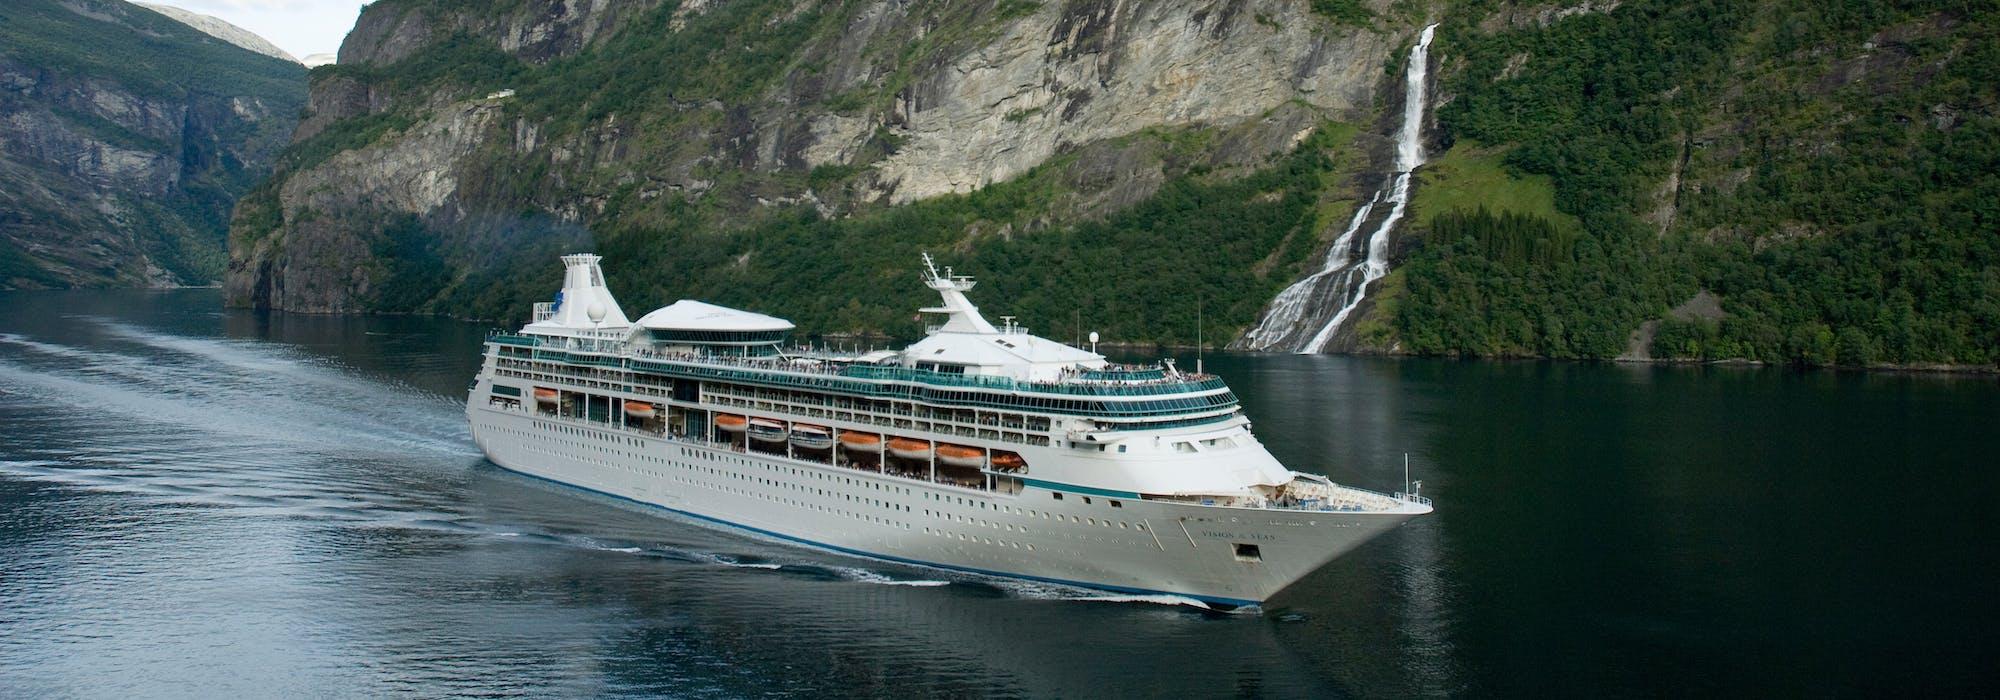 Vision of the Seas kryssar genom de storslagna norska fjordarna. I bakgrunden syns gröna berg och ett vattenfall.